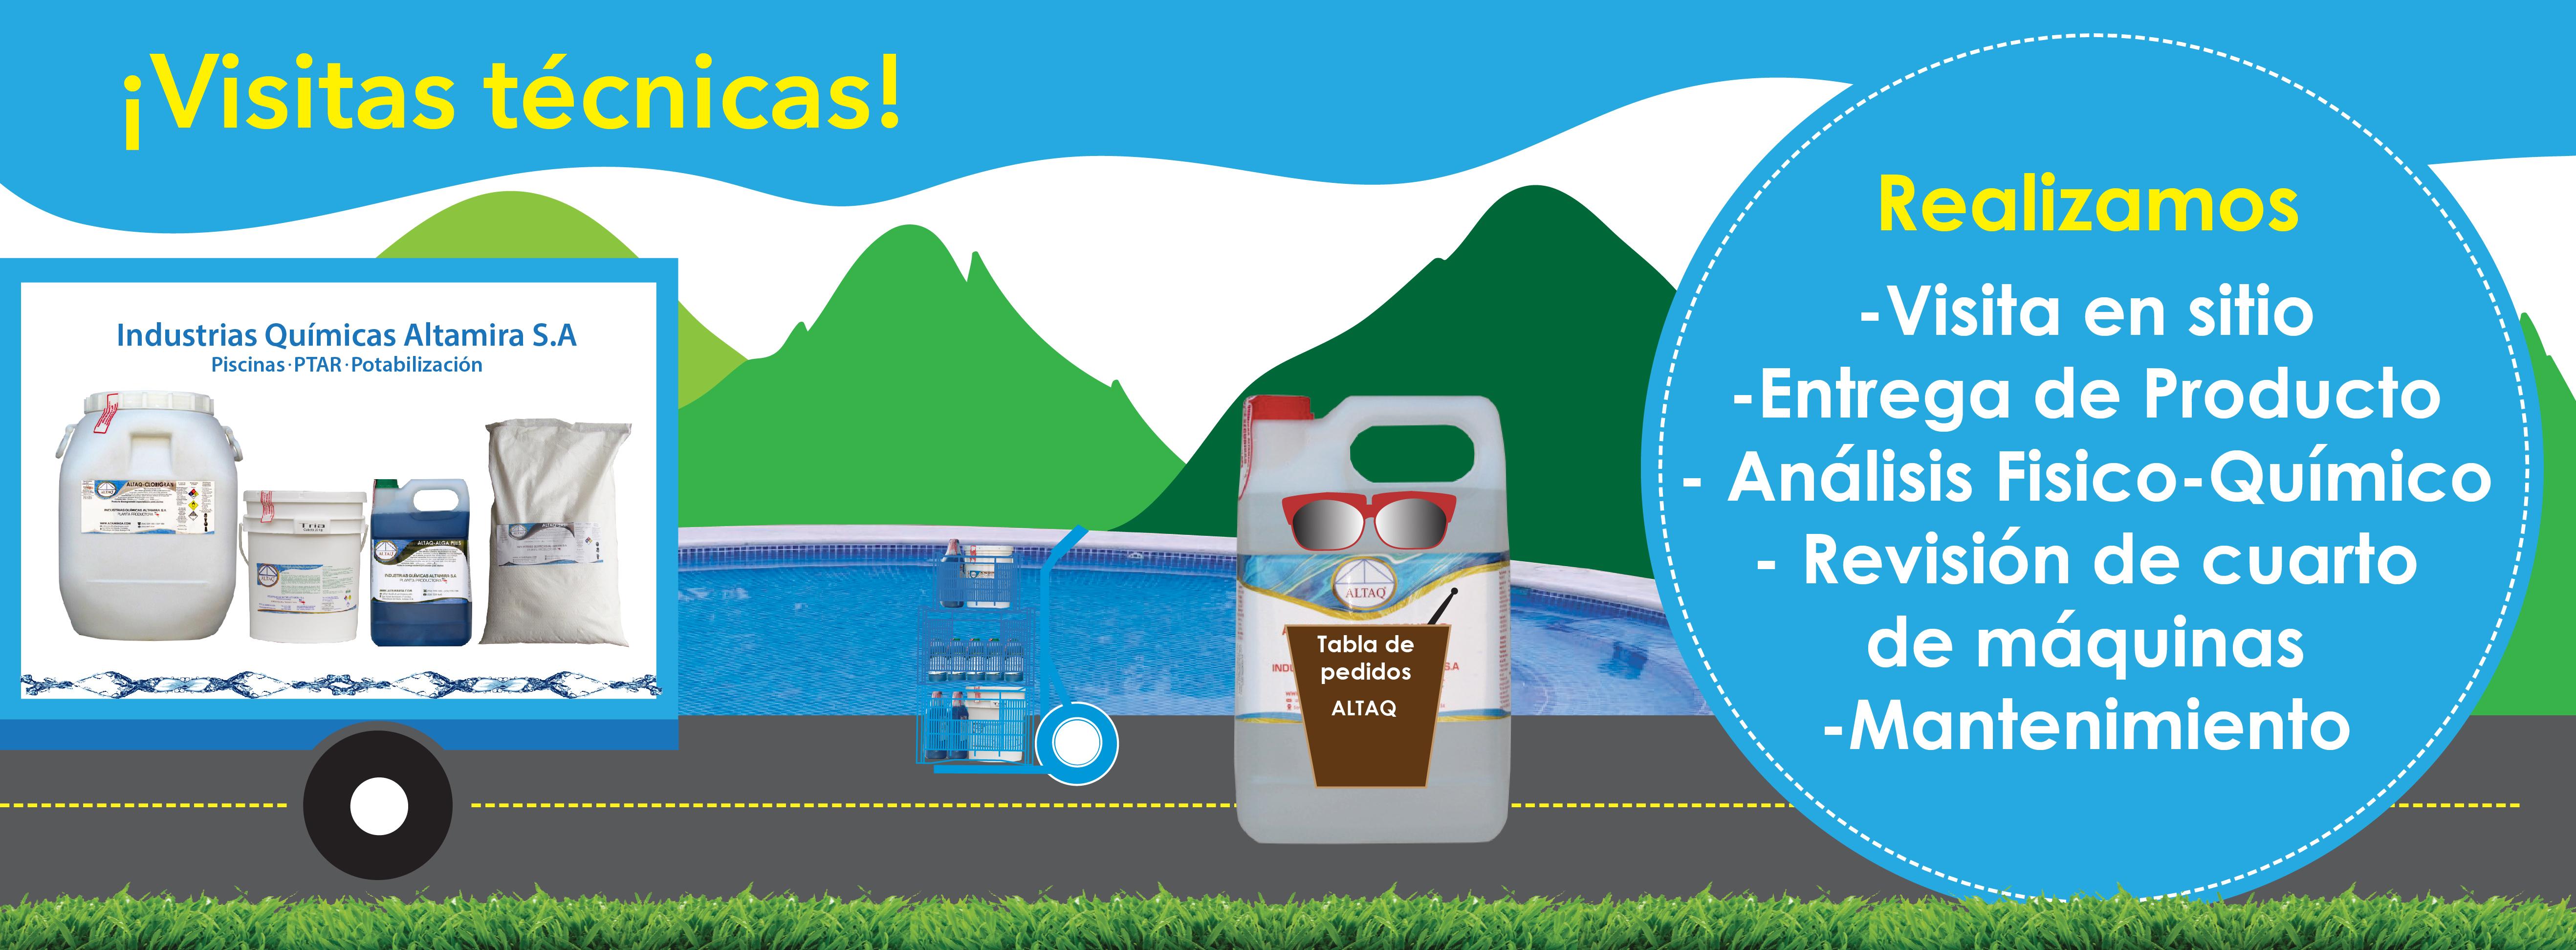 revisión y visita de piscinas, ptar, calderas, tanques de agua, calderas